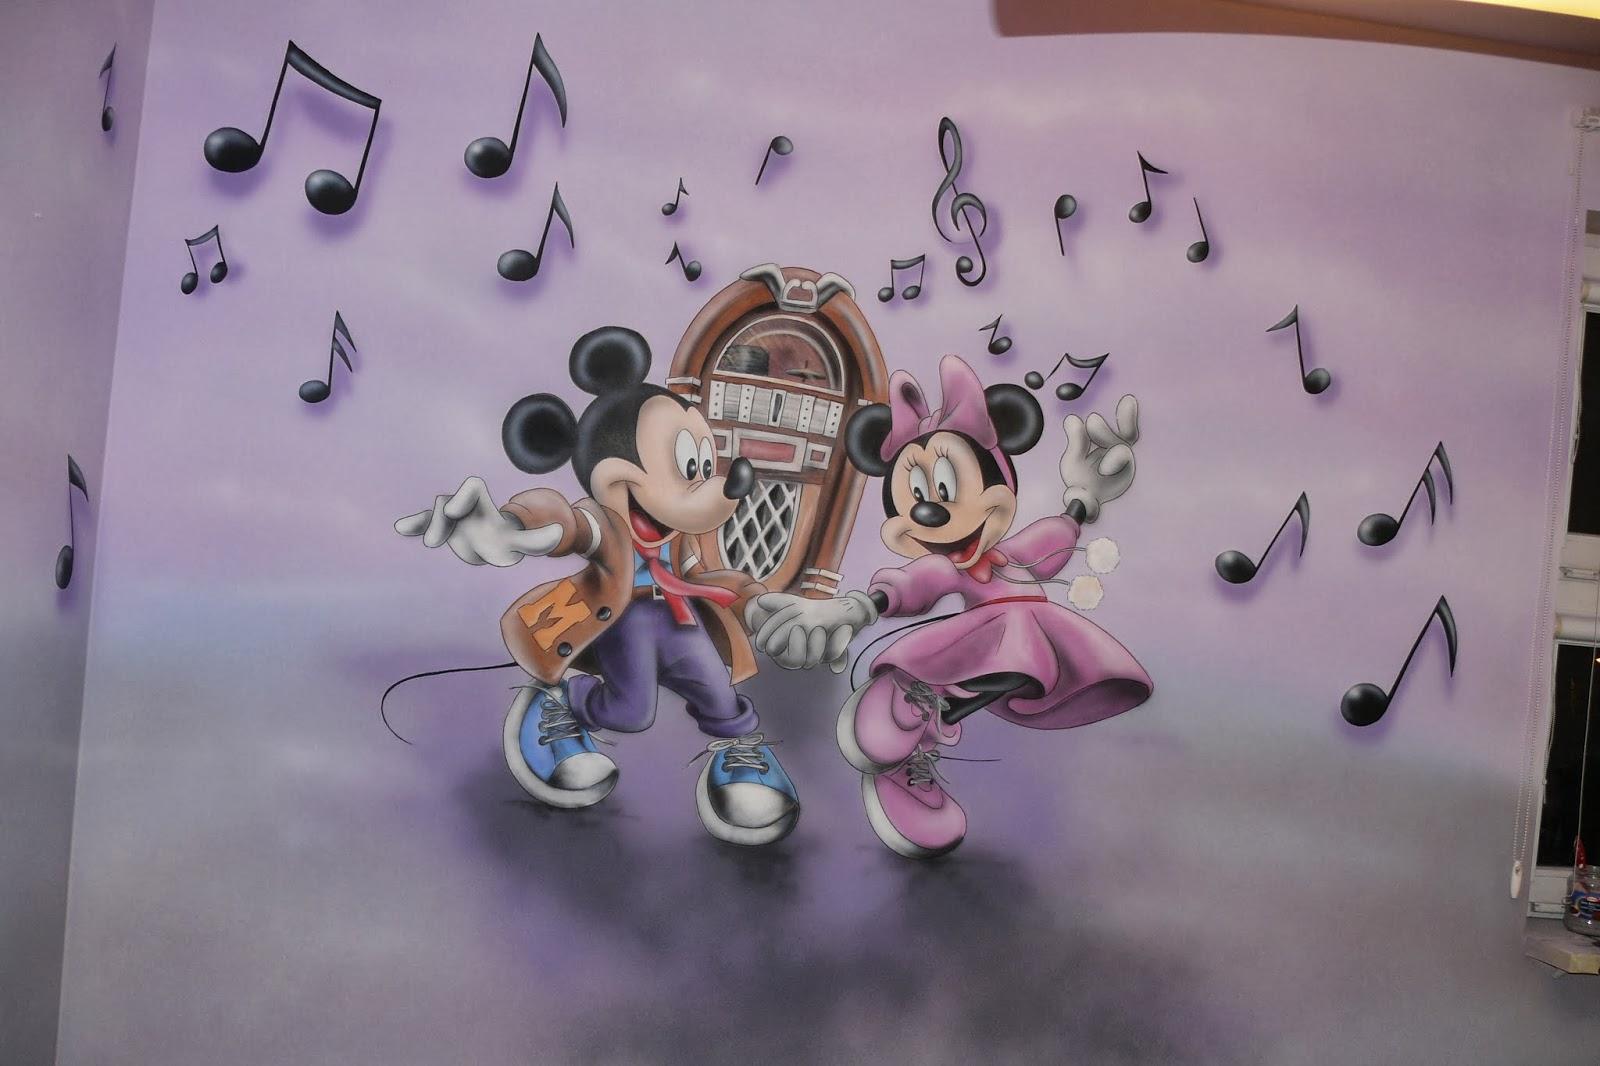 Artystyczne malowanie ściany w pokoju dziewczynki, obraz ścienny w pokoju dziewczynki, warszawa